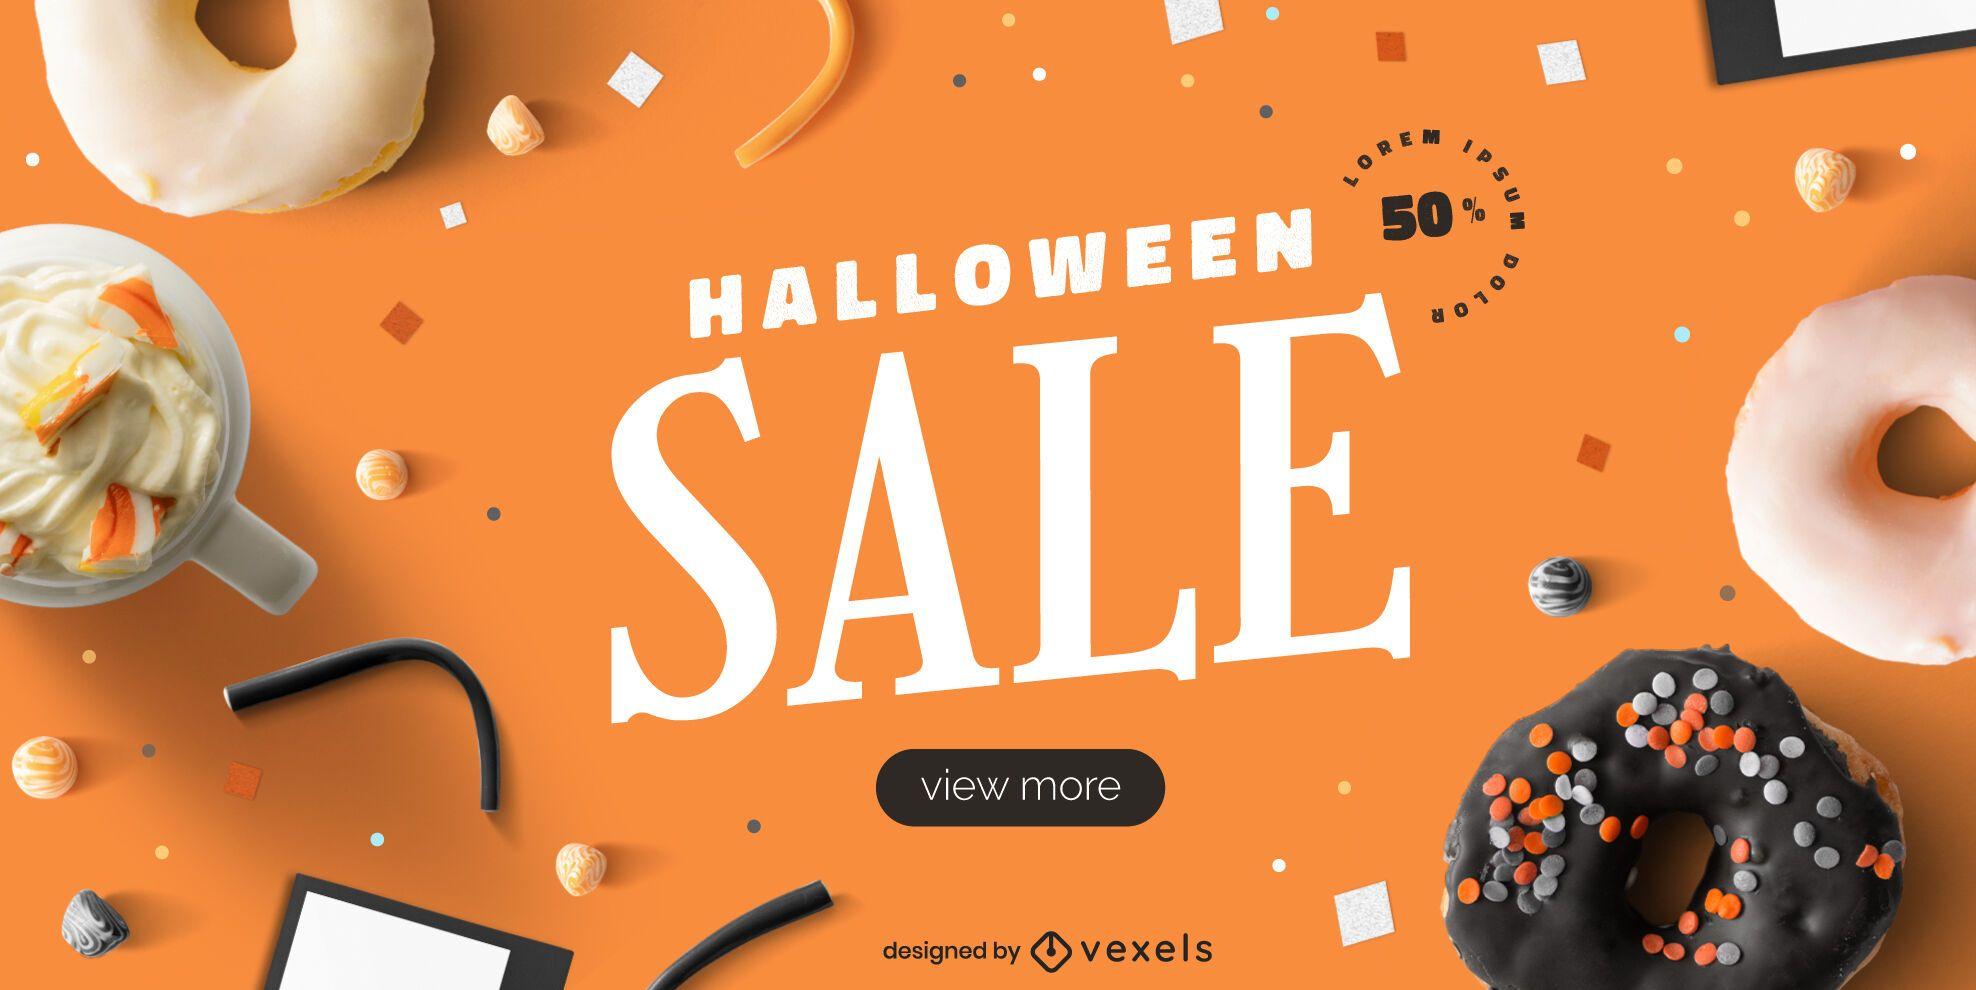 Halloween sale slider design